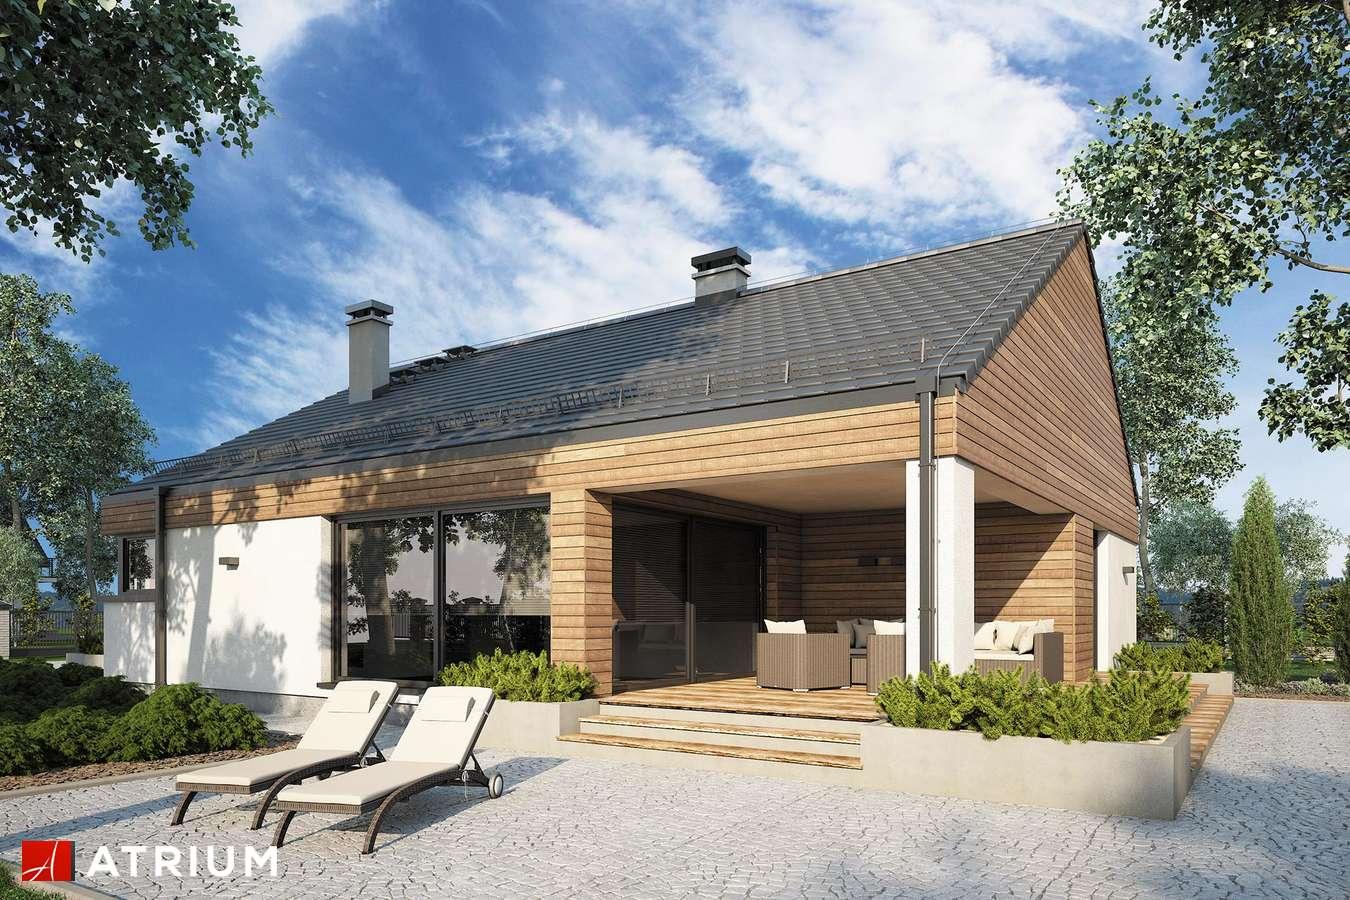 Projekty domów - Projekt domu parterowego PLISZKA V BIS - wizualizacja 2 - wersja lustrzana